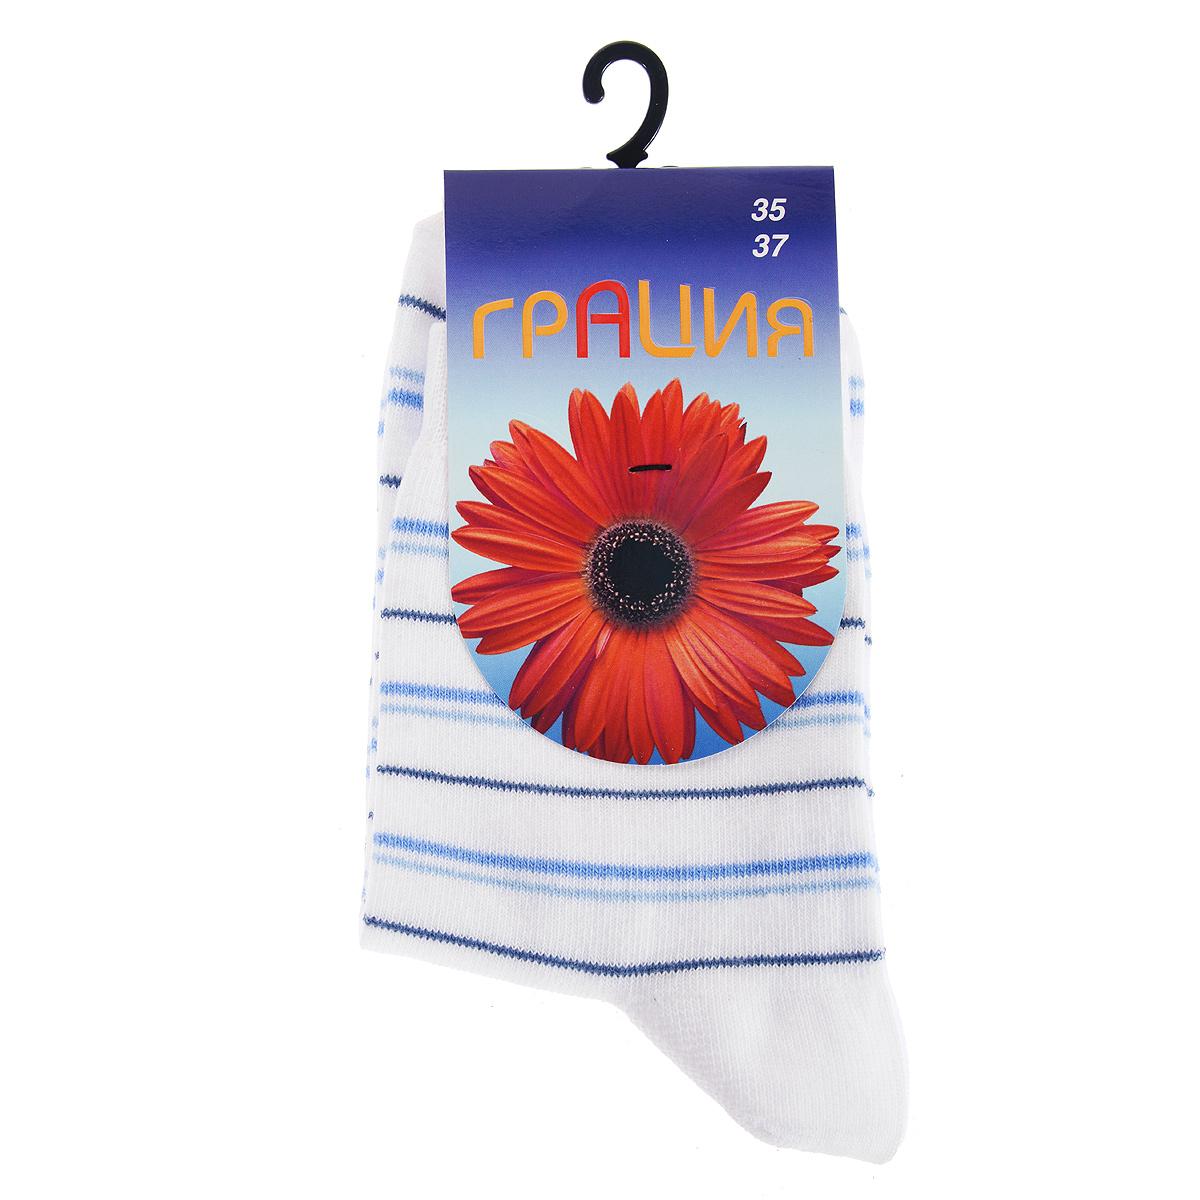 Носки женские Грация, цвет: белый, голубой. М 1004-1-АВ. Размер 35/37М 1004-1-АБКлассические носочки из натуральных материалов, изготовленные по особой технологии в соответствии с мировыми стандартами качества.